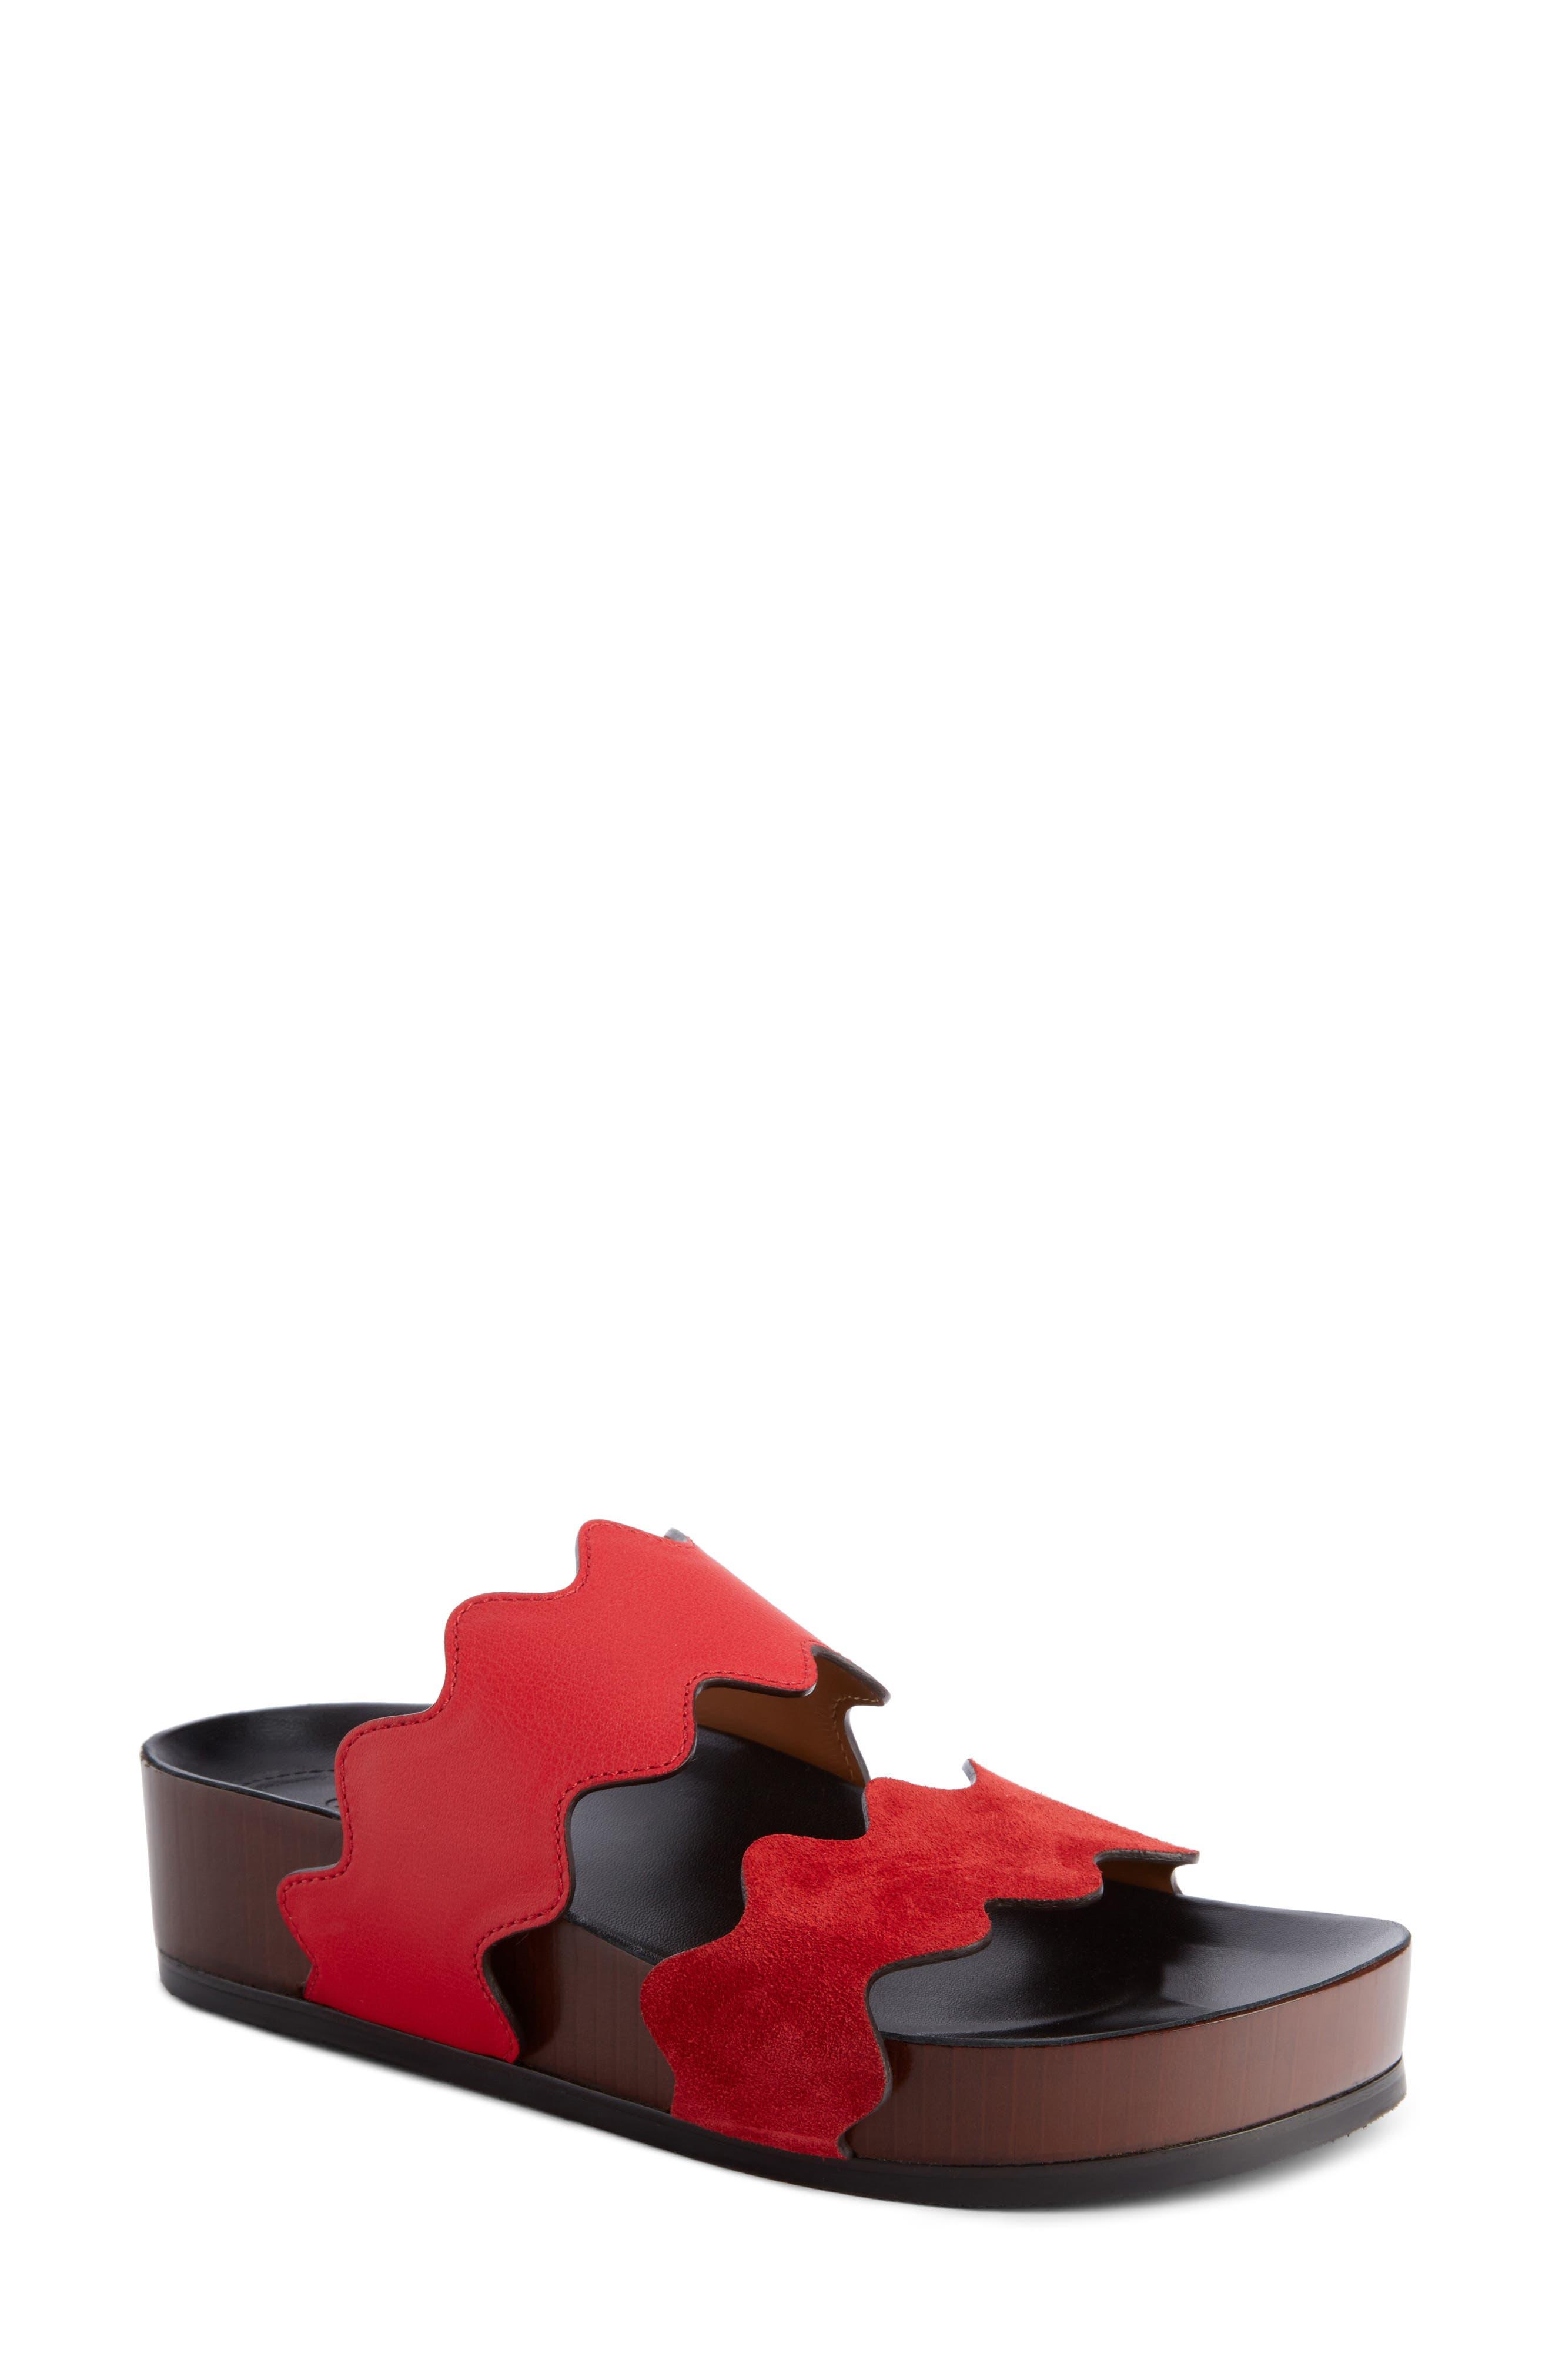 Lauren Platform Sandal,                         Main,                         color, Gipsy Red